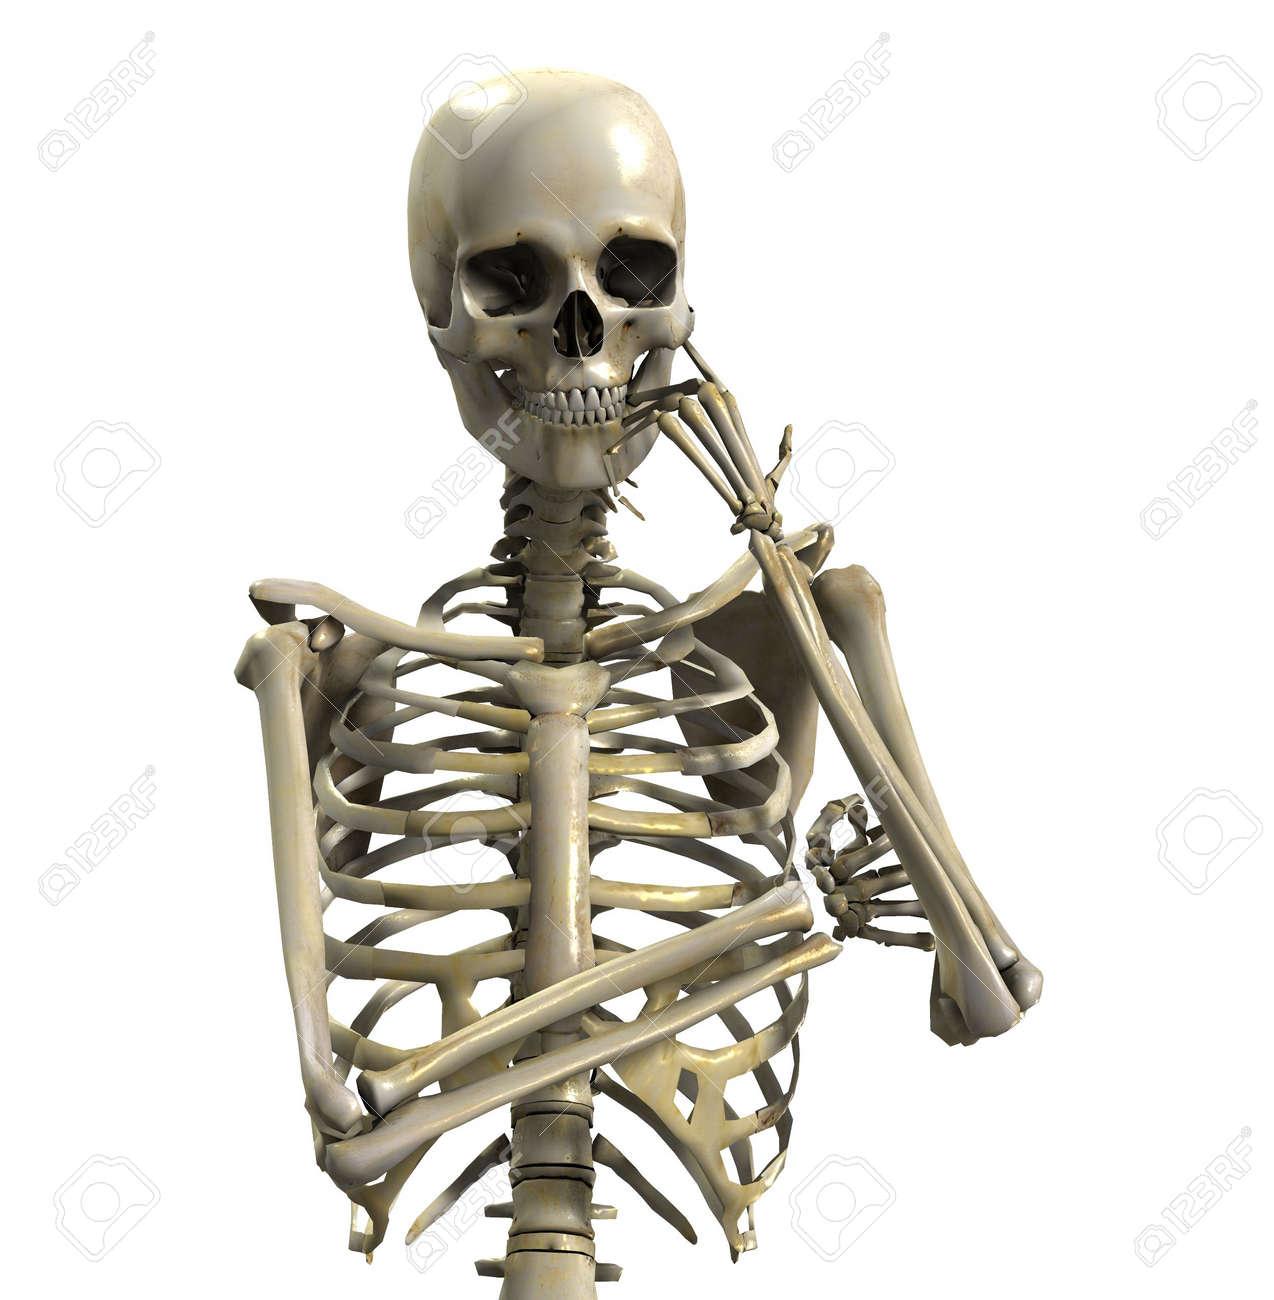 一生懸命に考えている骸骨。 ロ...